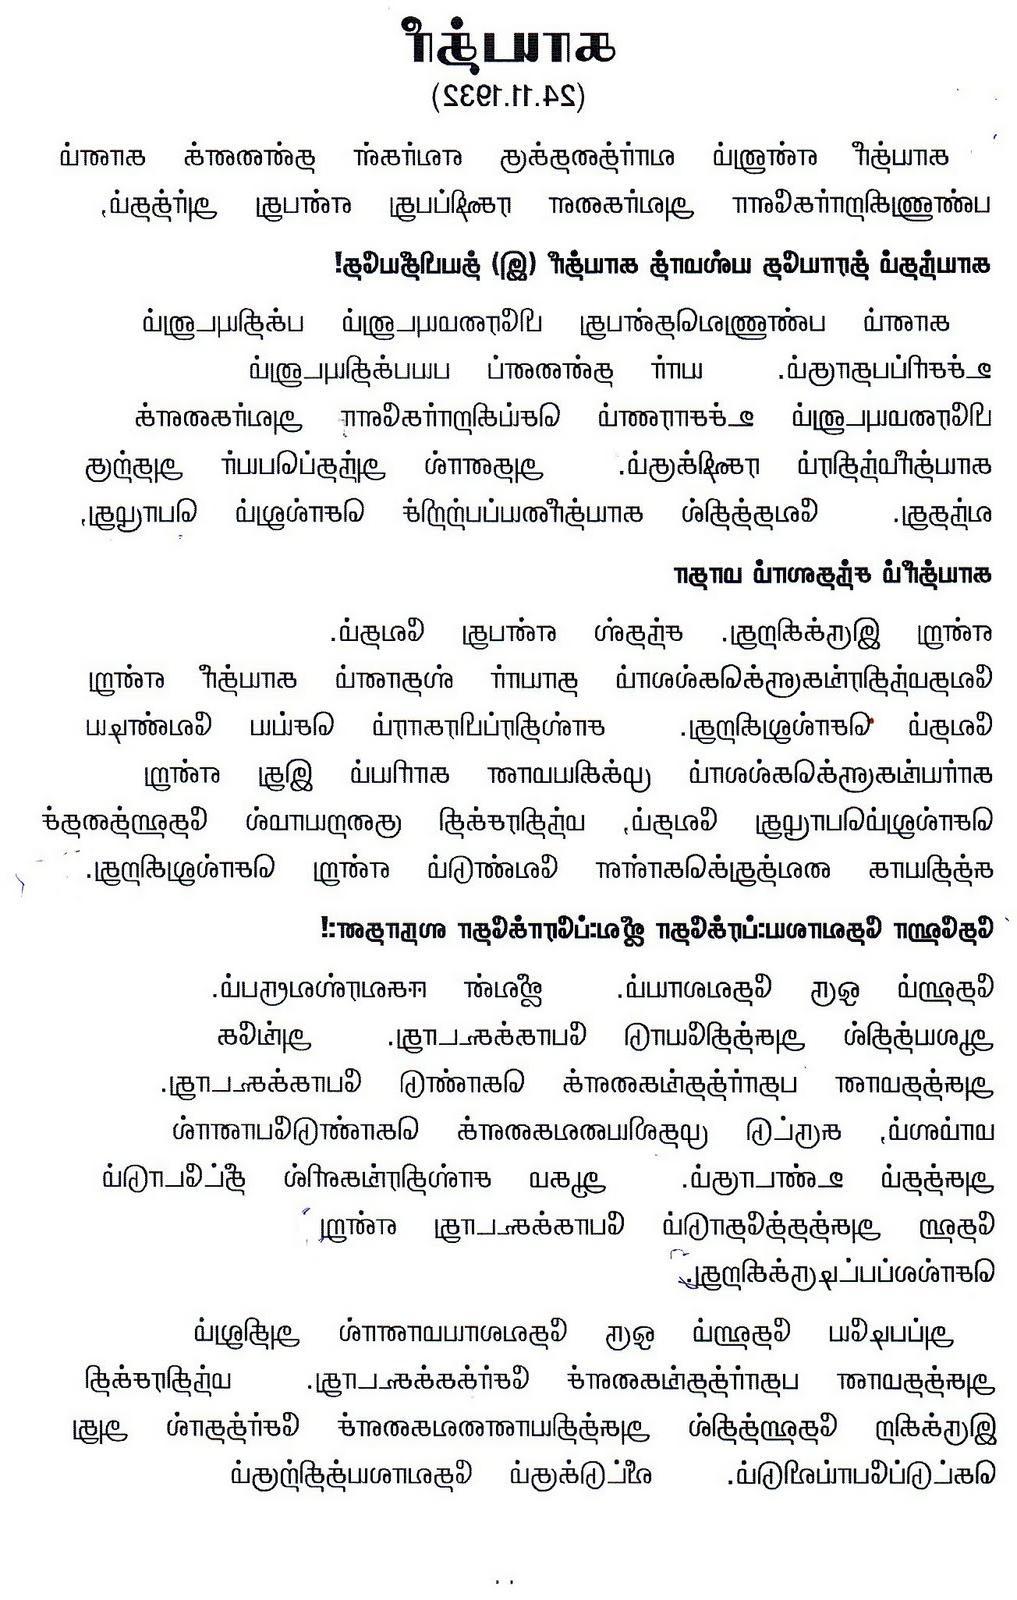 Surya namaskar mantra in tamil